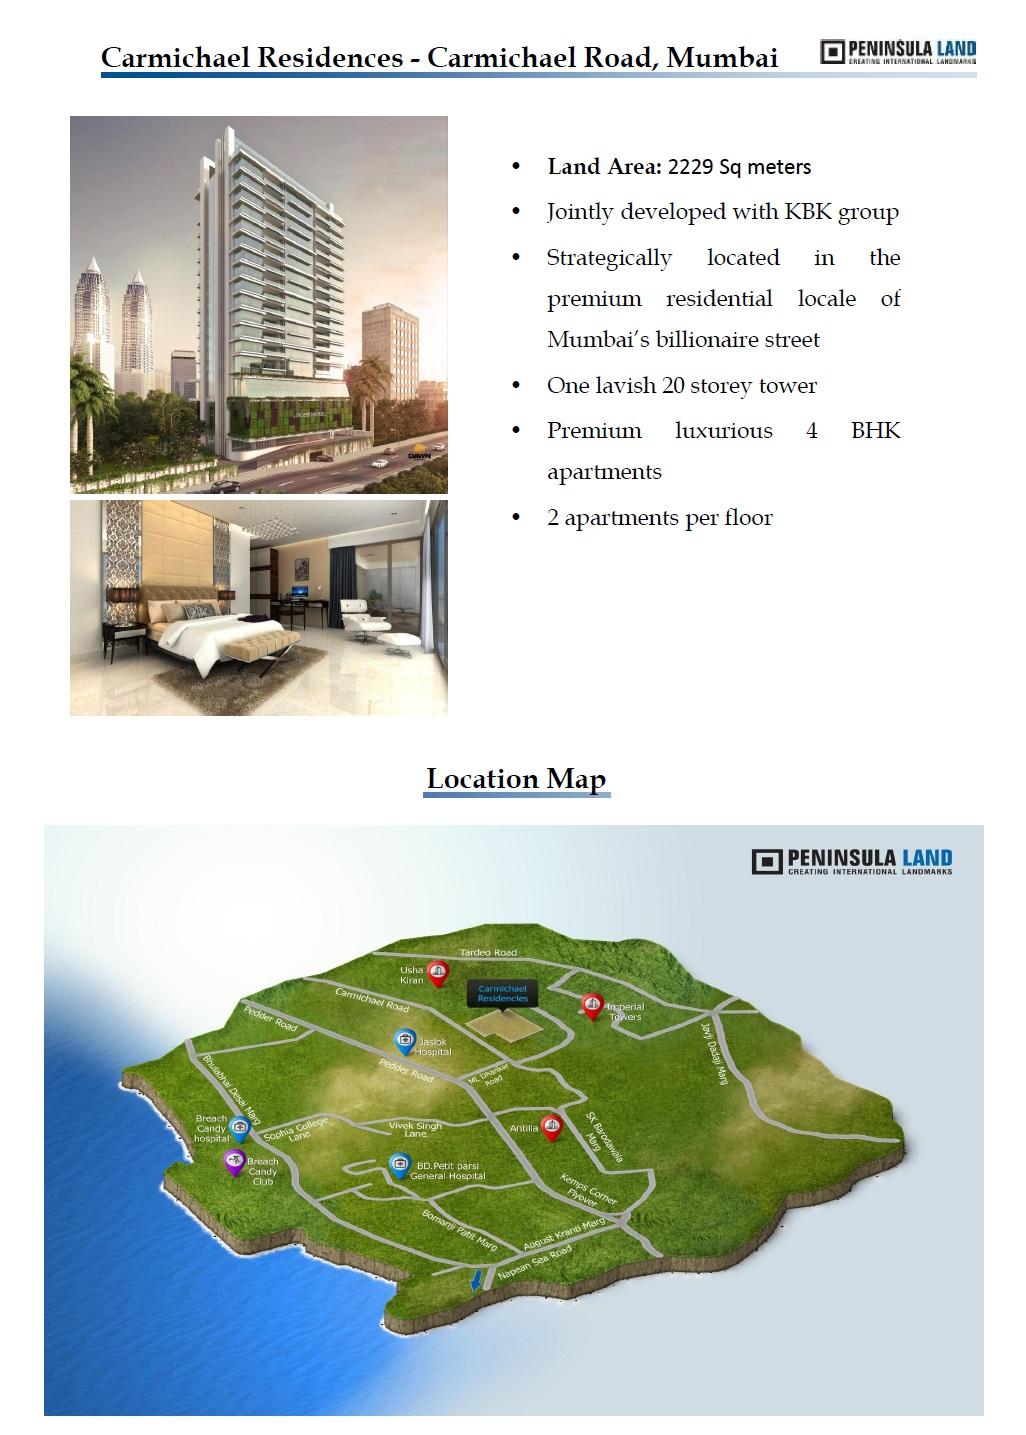 Peninsula Carmichael Residences Mumbai